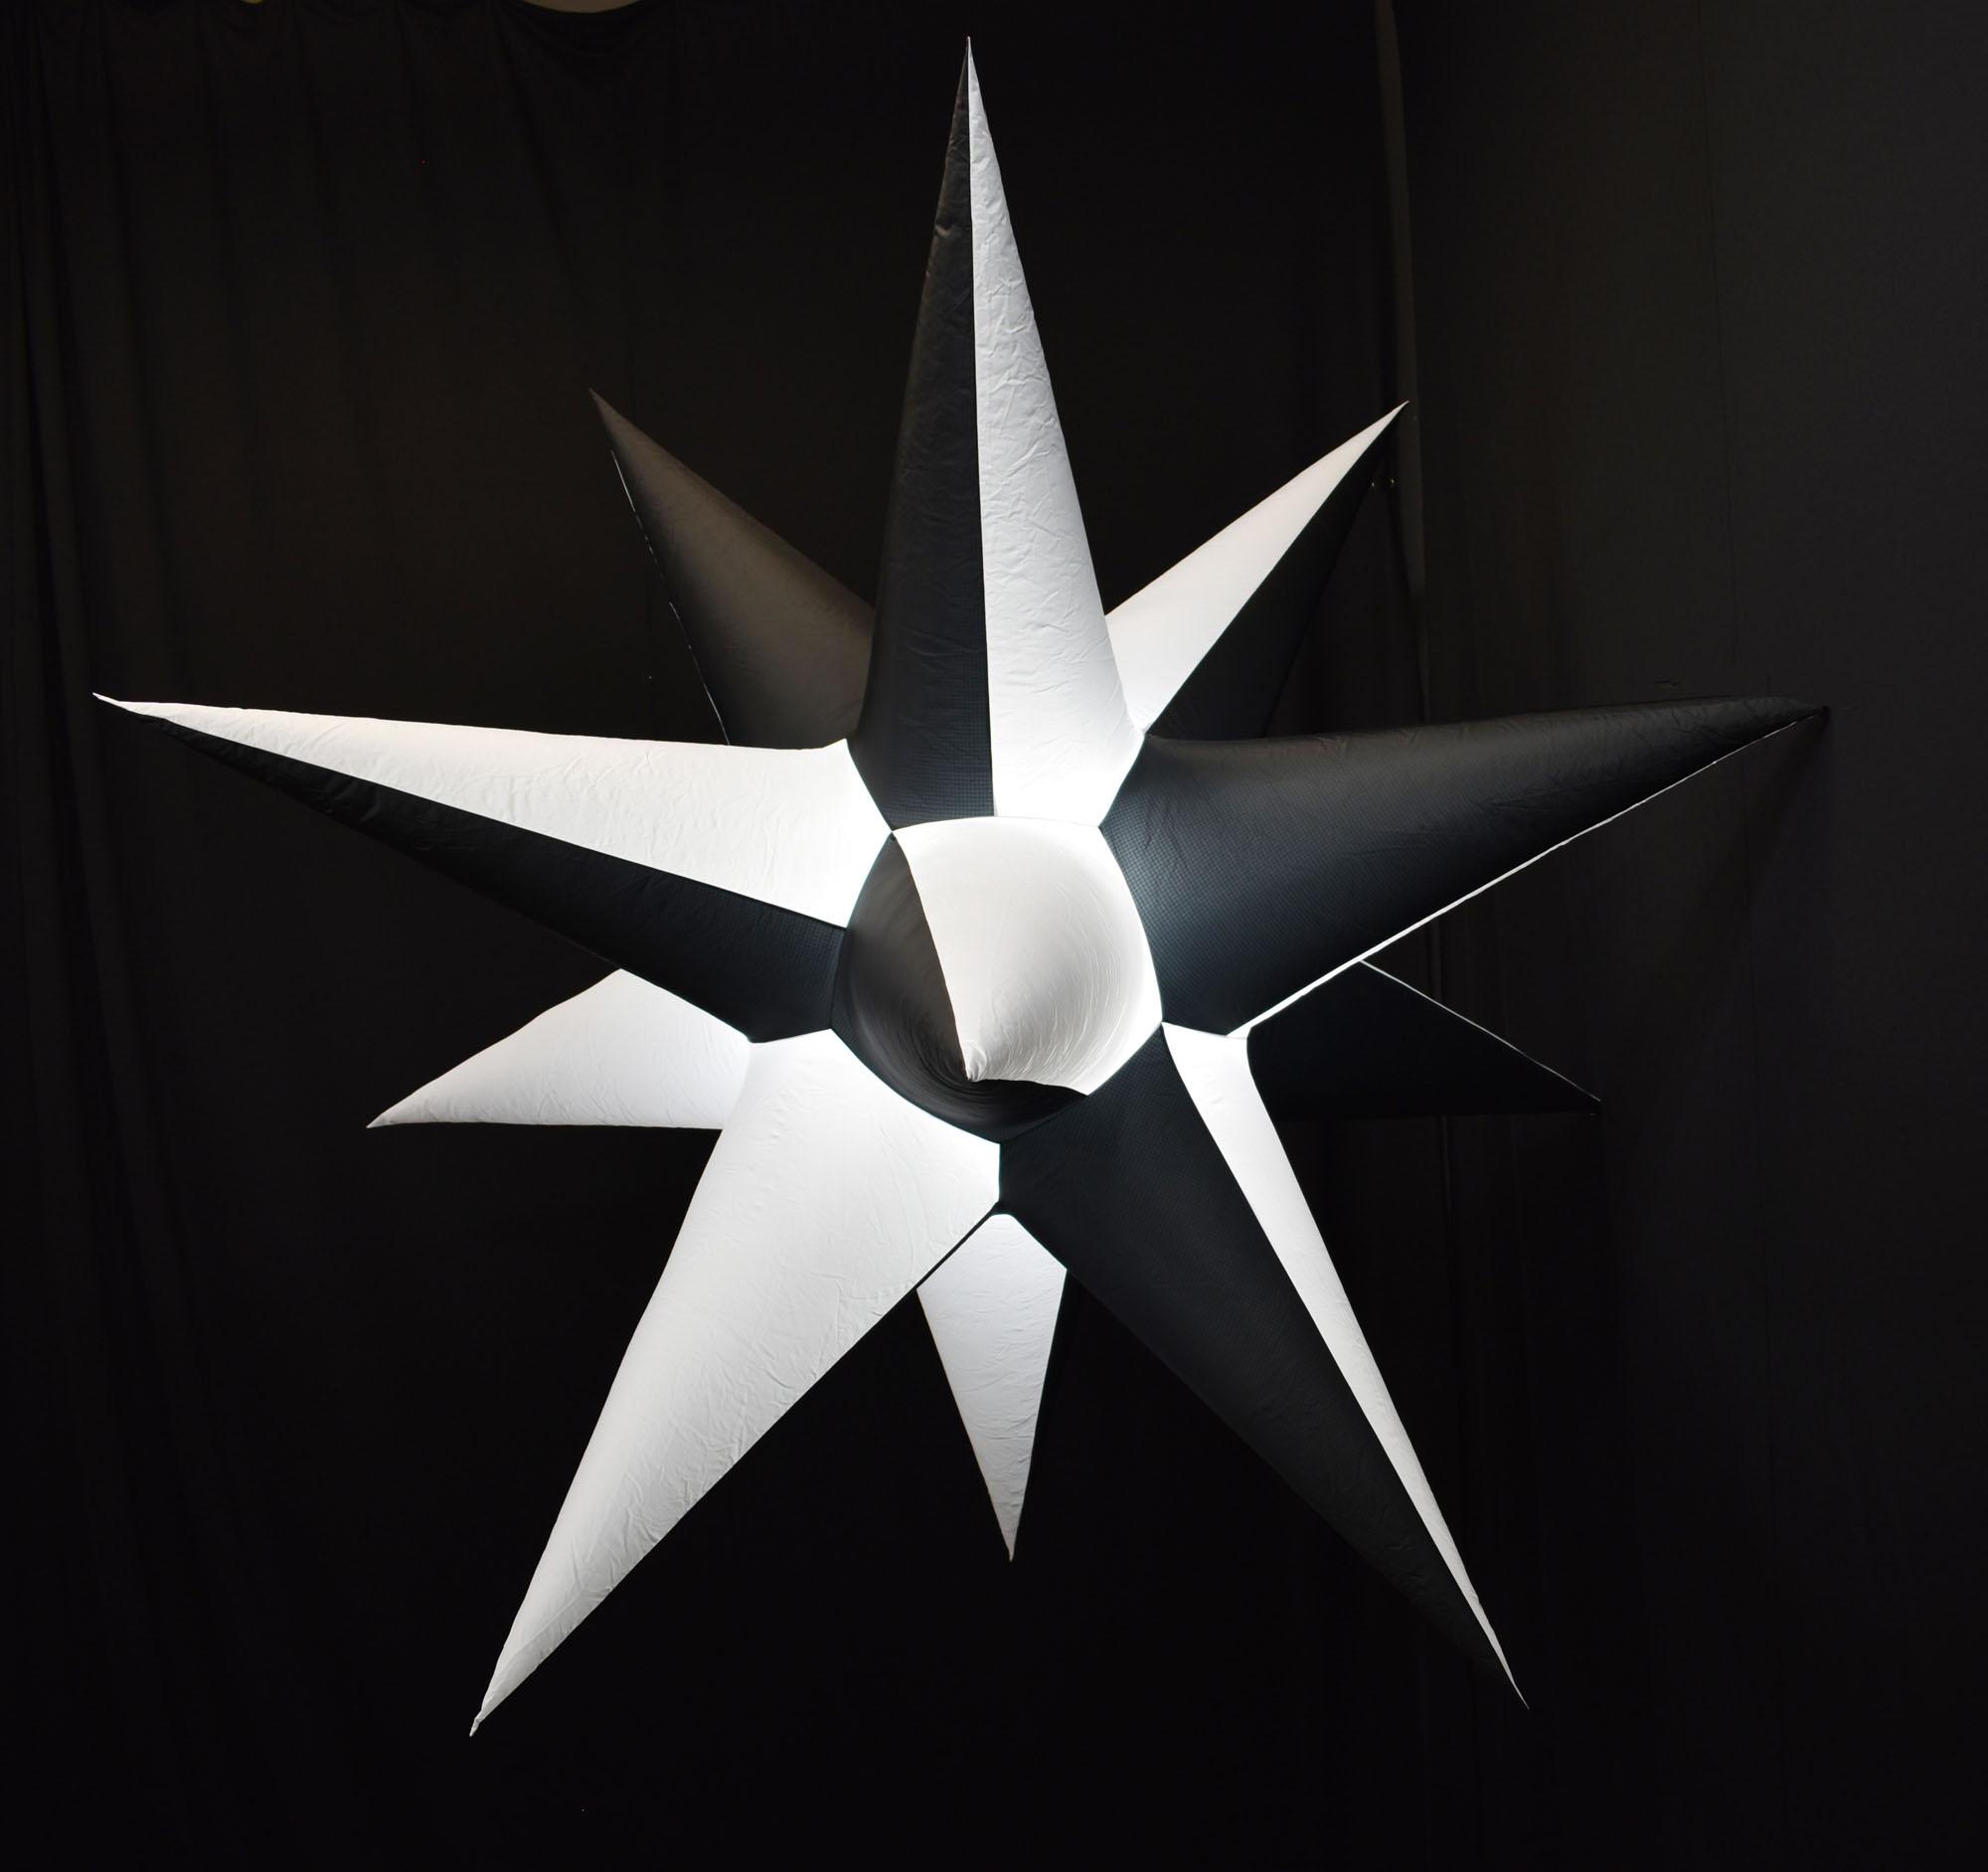 6-Star--uai-2880x2711.jpg